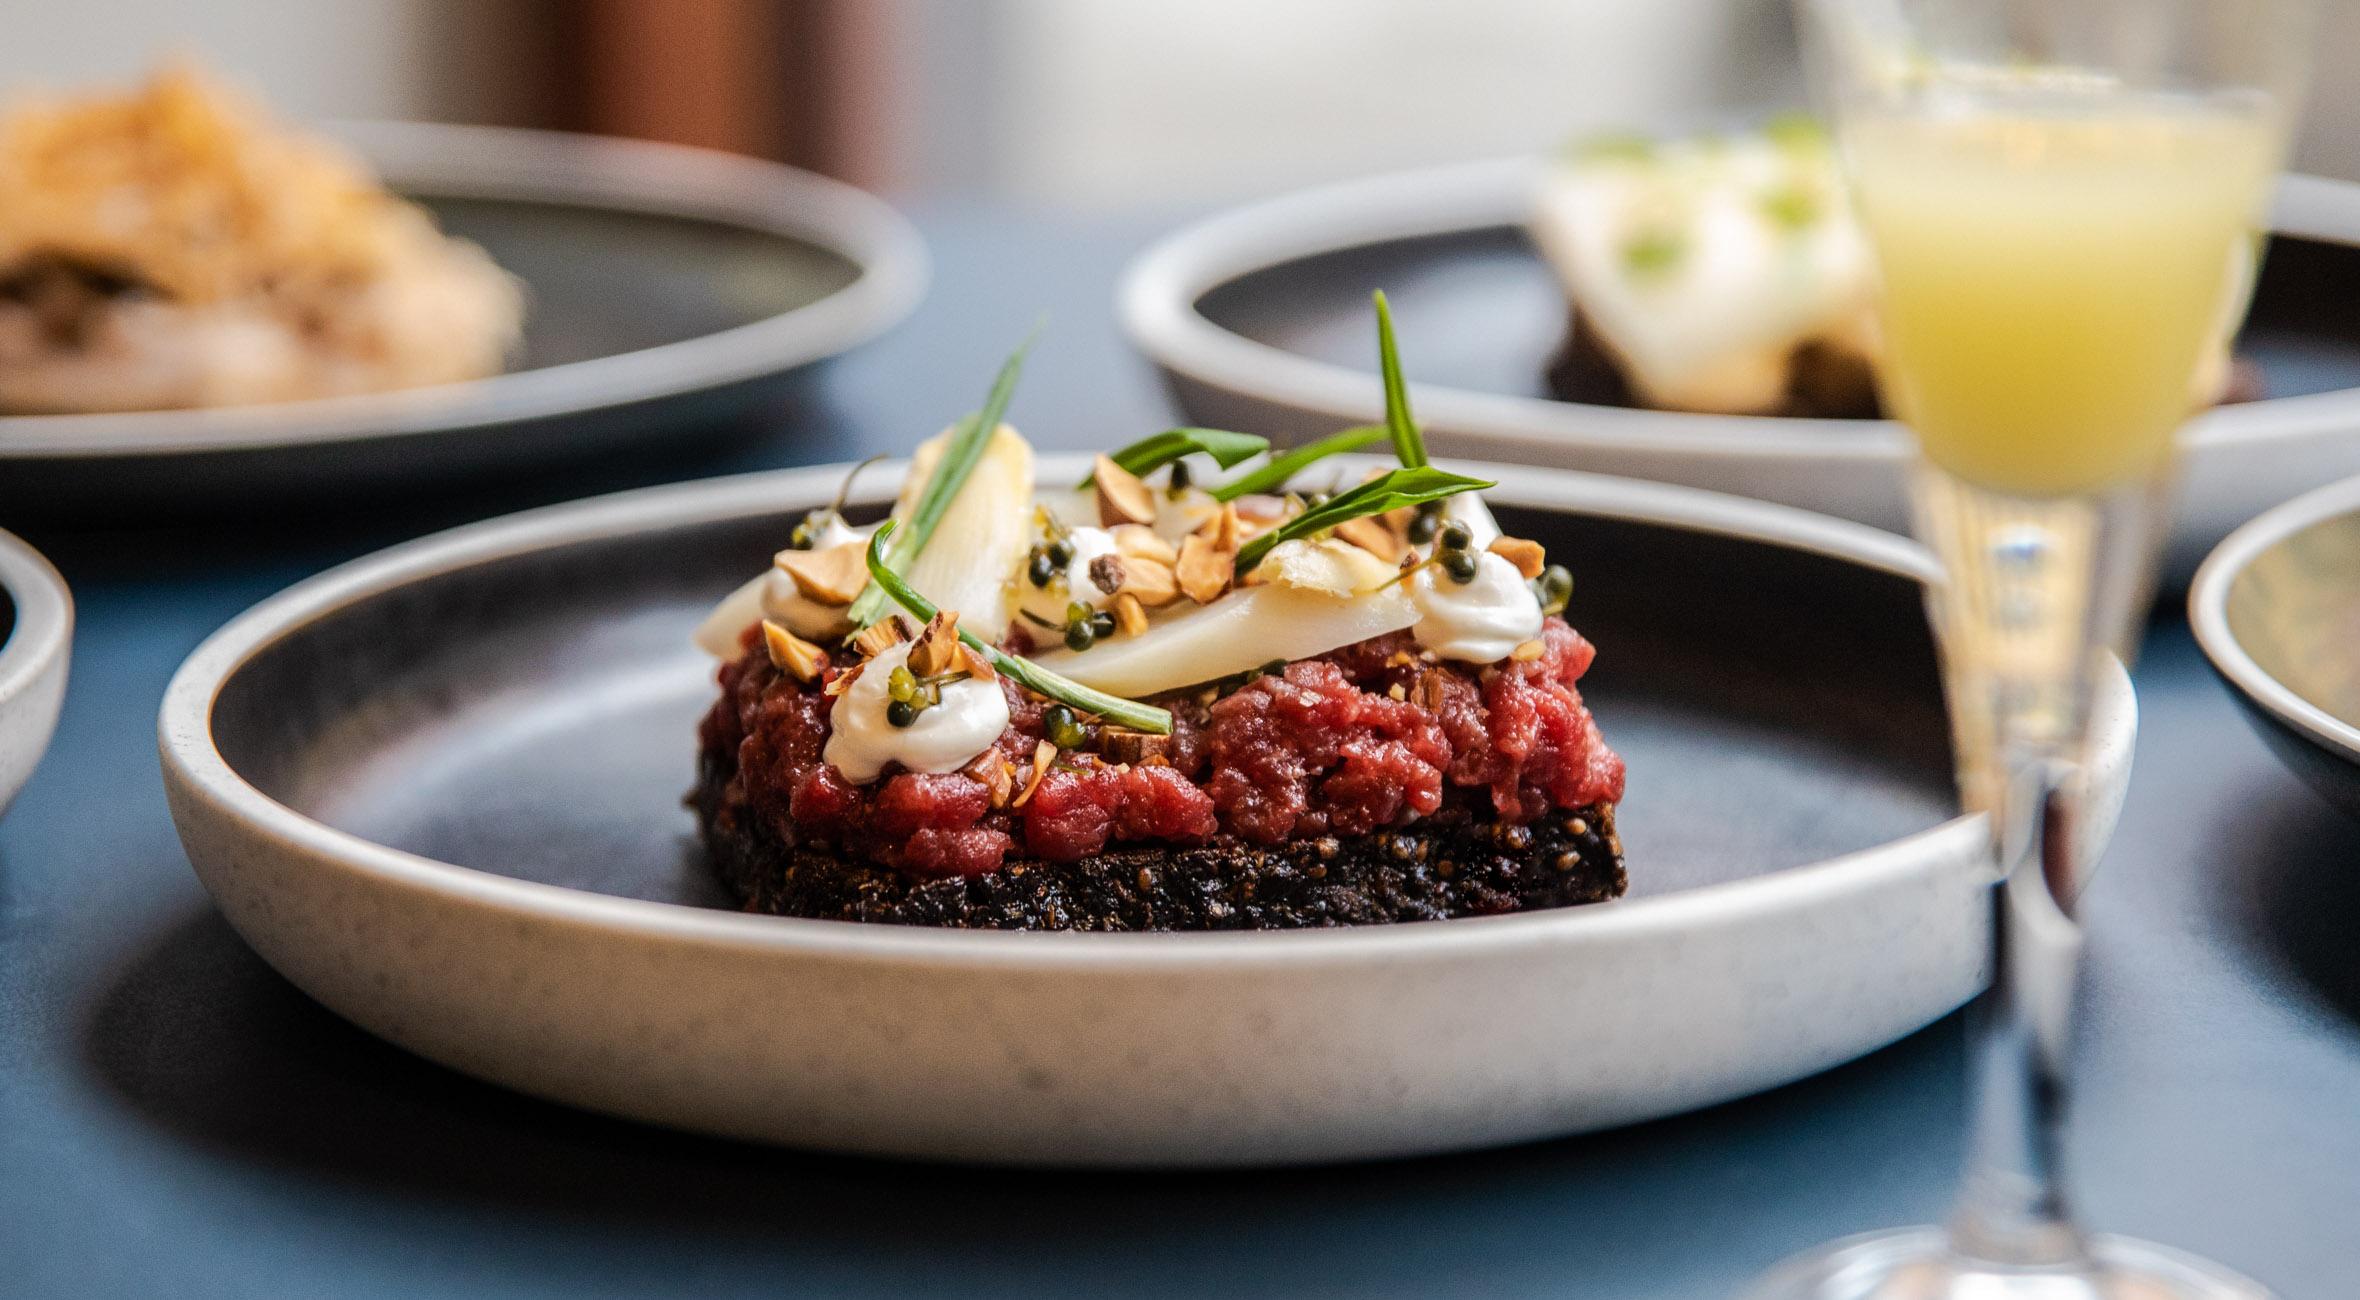 2 stk. smørrebrød hos Restaurant Mondän – Nyd overdådigt smørrebrød i smukke omgivelser på Frederiksberg